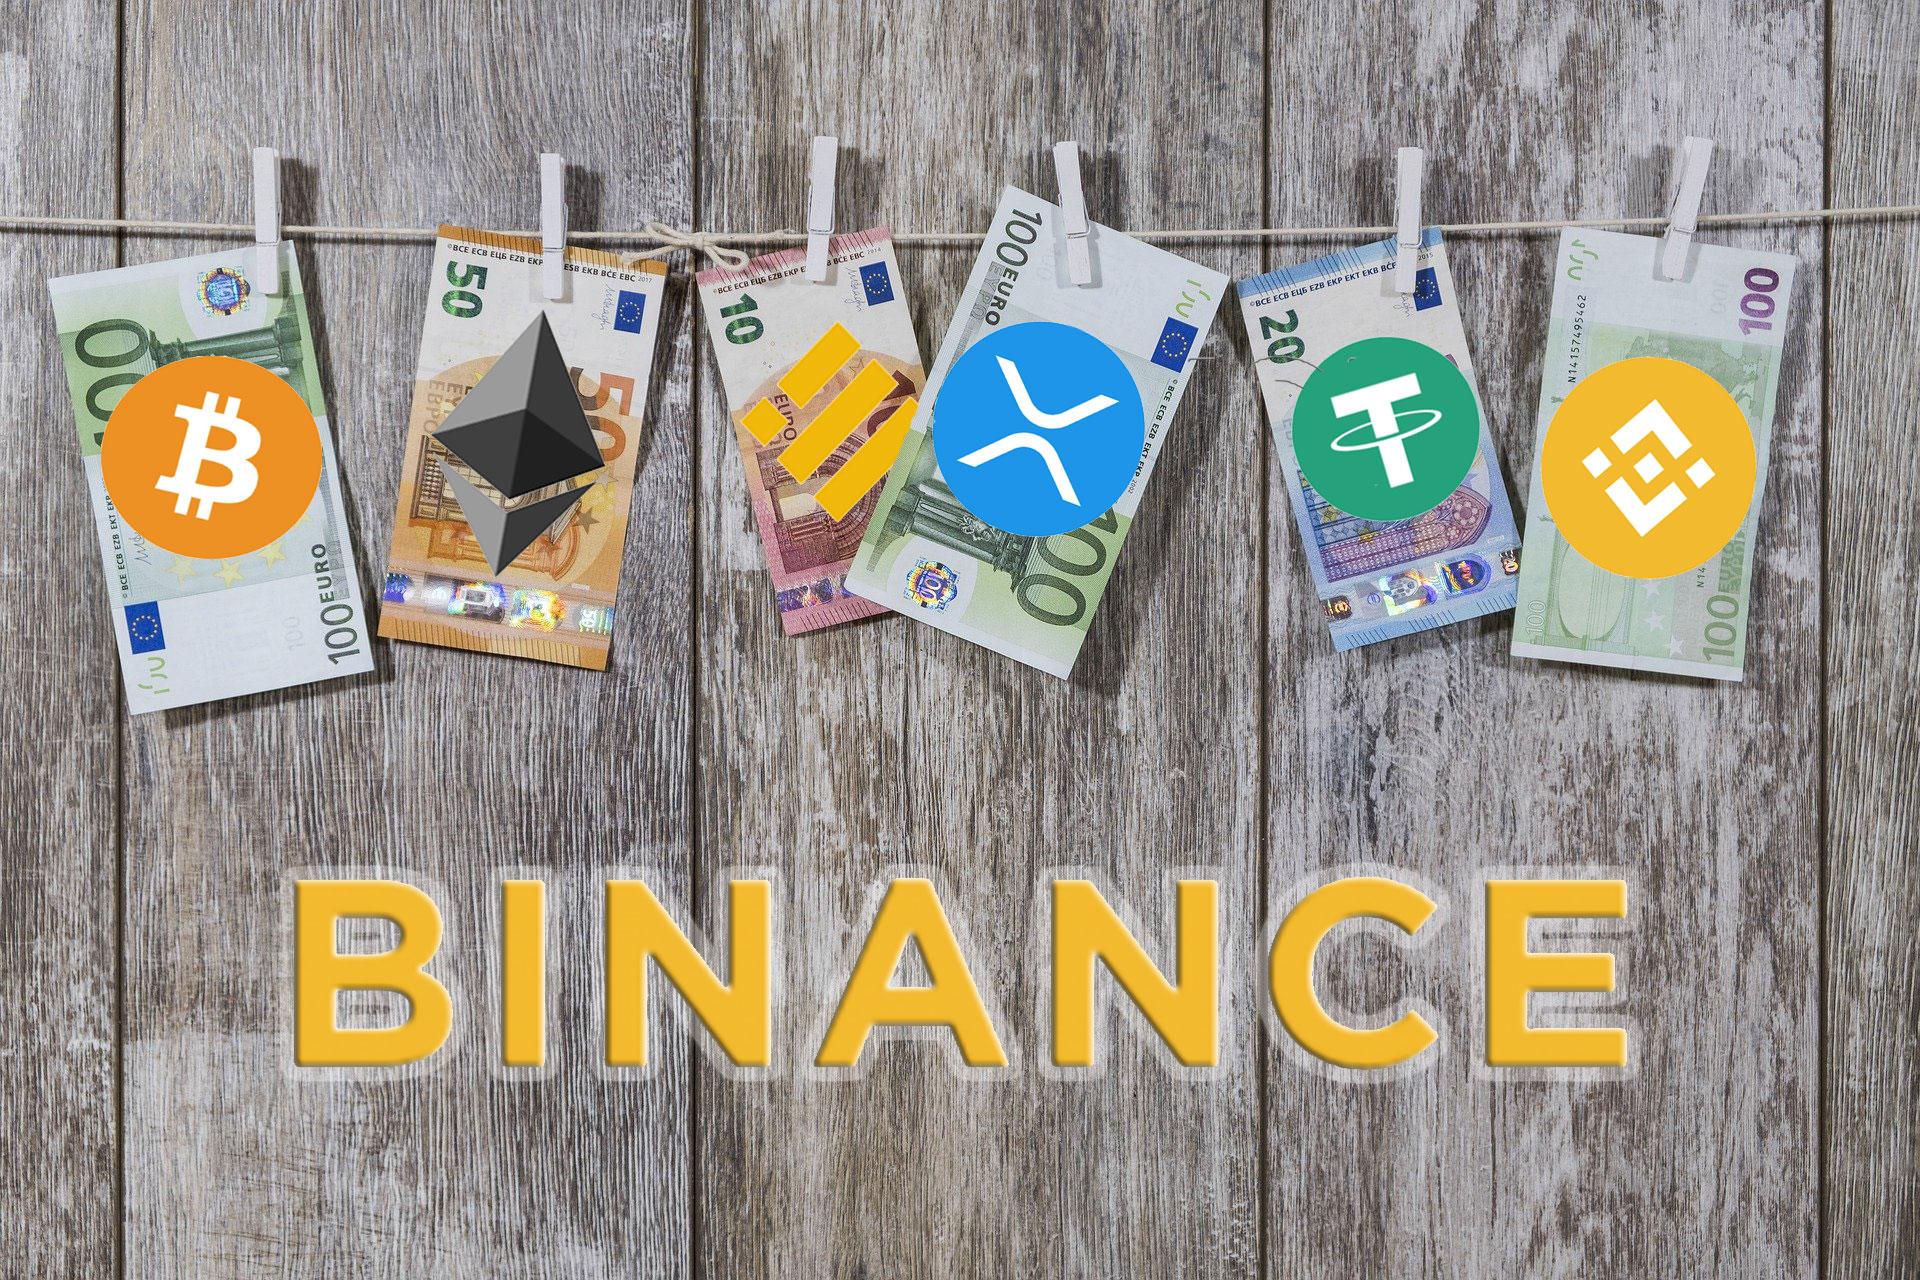 仮想通貨取引所Binance、法定通貨ユーロ(EUR)の取引ペア追加!ユーロ建6種類の仮想通貨!